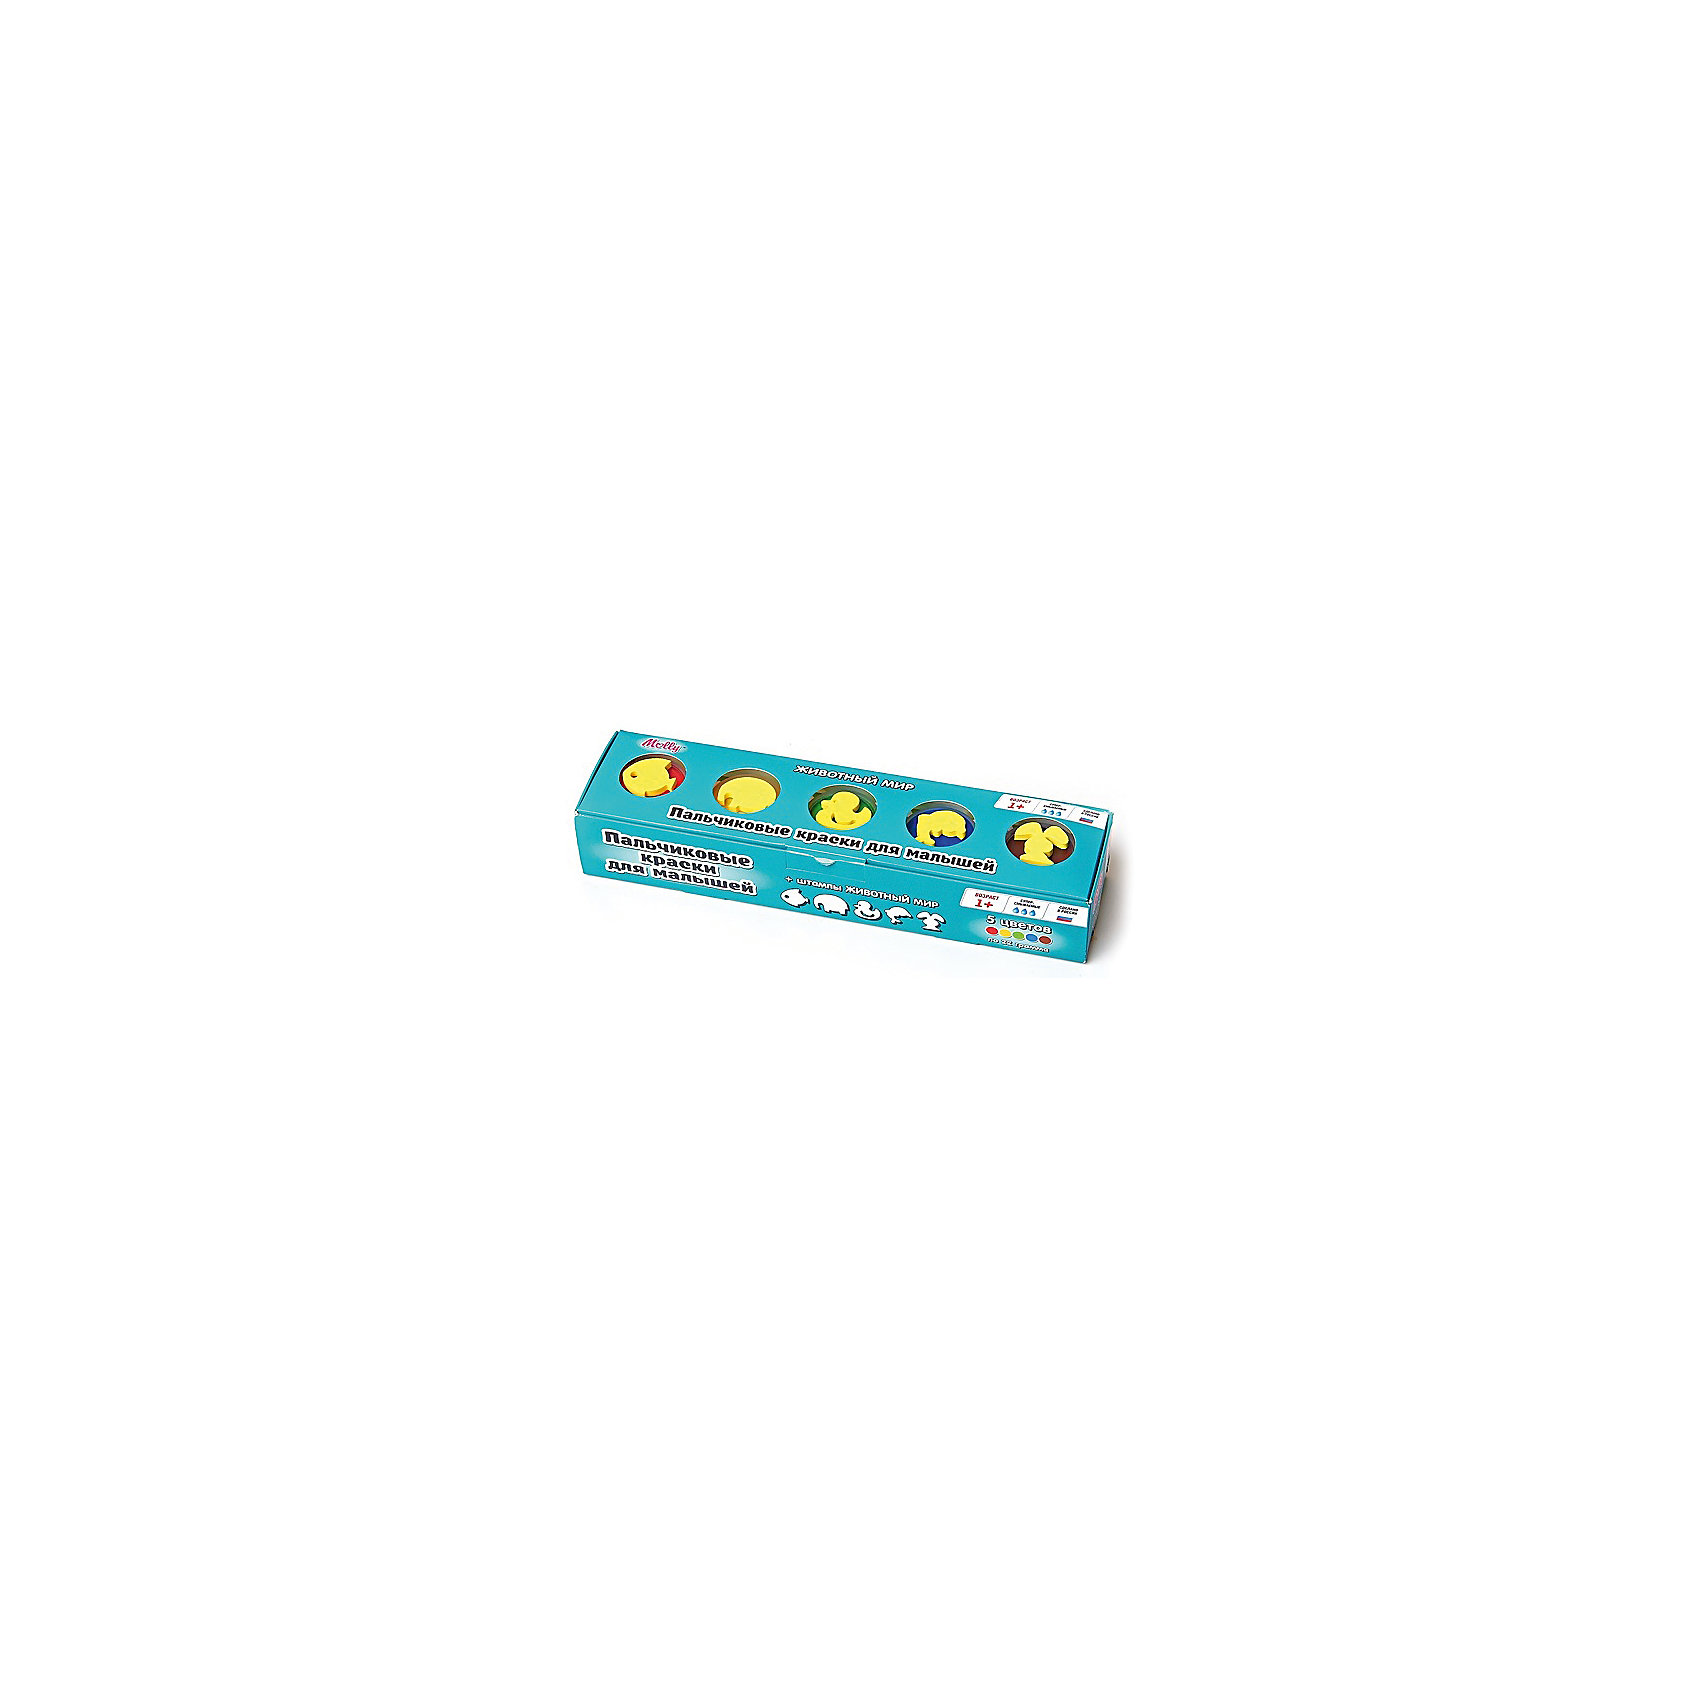 Пальчиковые краски Животный мир со штампиками, 5 цветовРисование<br>Пальчиковые краски Животный мир со штампиками, 5 цветов.<br><br>Характеристика: <br><br>• Материал: пищевой краситель, целлюлозный загуститель, глицерин, мел, консервант косметический, вода питьевая. <br>• Размер упаковки: 24х6х4 см.<br>• Объем баночки: 22 мл.<br>• Количество цветов: 5.<br>• Комплектация: 5 баночек с краской, 5 штампиков. <br>• Яркие, насыщенные цвета. <br>• Краска легко смывается с одежды и рук. <br>• Безопасна при проглатывании. <br>• Отлично развивает моторику рук, внимание, мышление и воображение. <br>• Оригинальный фигурные штампики. <br><br>Пальчиковые краски - идеальный вариант для самых юных и активных художников! Краски изготовлены их высококачественных нетоксичных материалов абсолютно безопасных для малышей. Яркие цвета и оригинальные штампики-трафареты обязательно заинтересуют кроху и подарят множество приятных творческих моментов!<br><br>Рисование - прекрасный вид детского досуга. В процессе художественной деятельности ребенок развивает моторику рук, цветовосприятие, фантазию и усидчивость, получая при этом море положительных эмоций. <br><br>Пальчиковые краски Животный мир со штампиками, 5 цветов, можно купить в нашем интернет-магазине.<br><br>Ширина мм: 24<br>Глубина мм: 6<br>Высота мм: 4<br>Вес г: 110<br>Возраст от месяцев: 12<br>Возраст до месяцев: 36<br>Пол: Унисекс<br>Возраст: Детский<br>SKU: 5417576